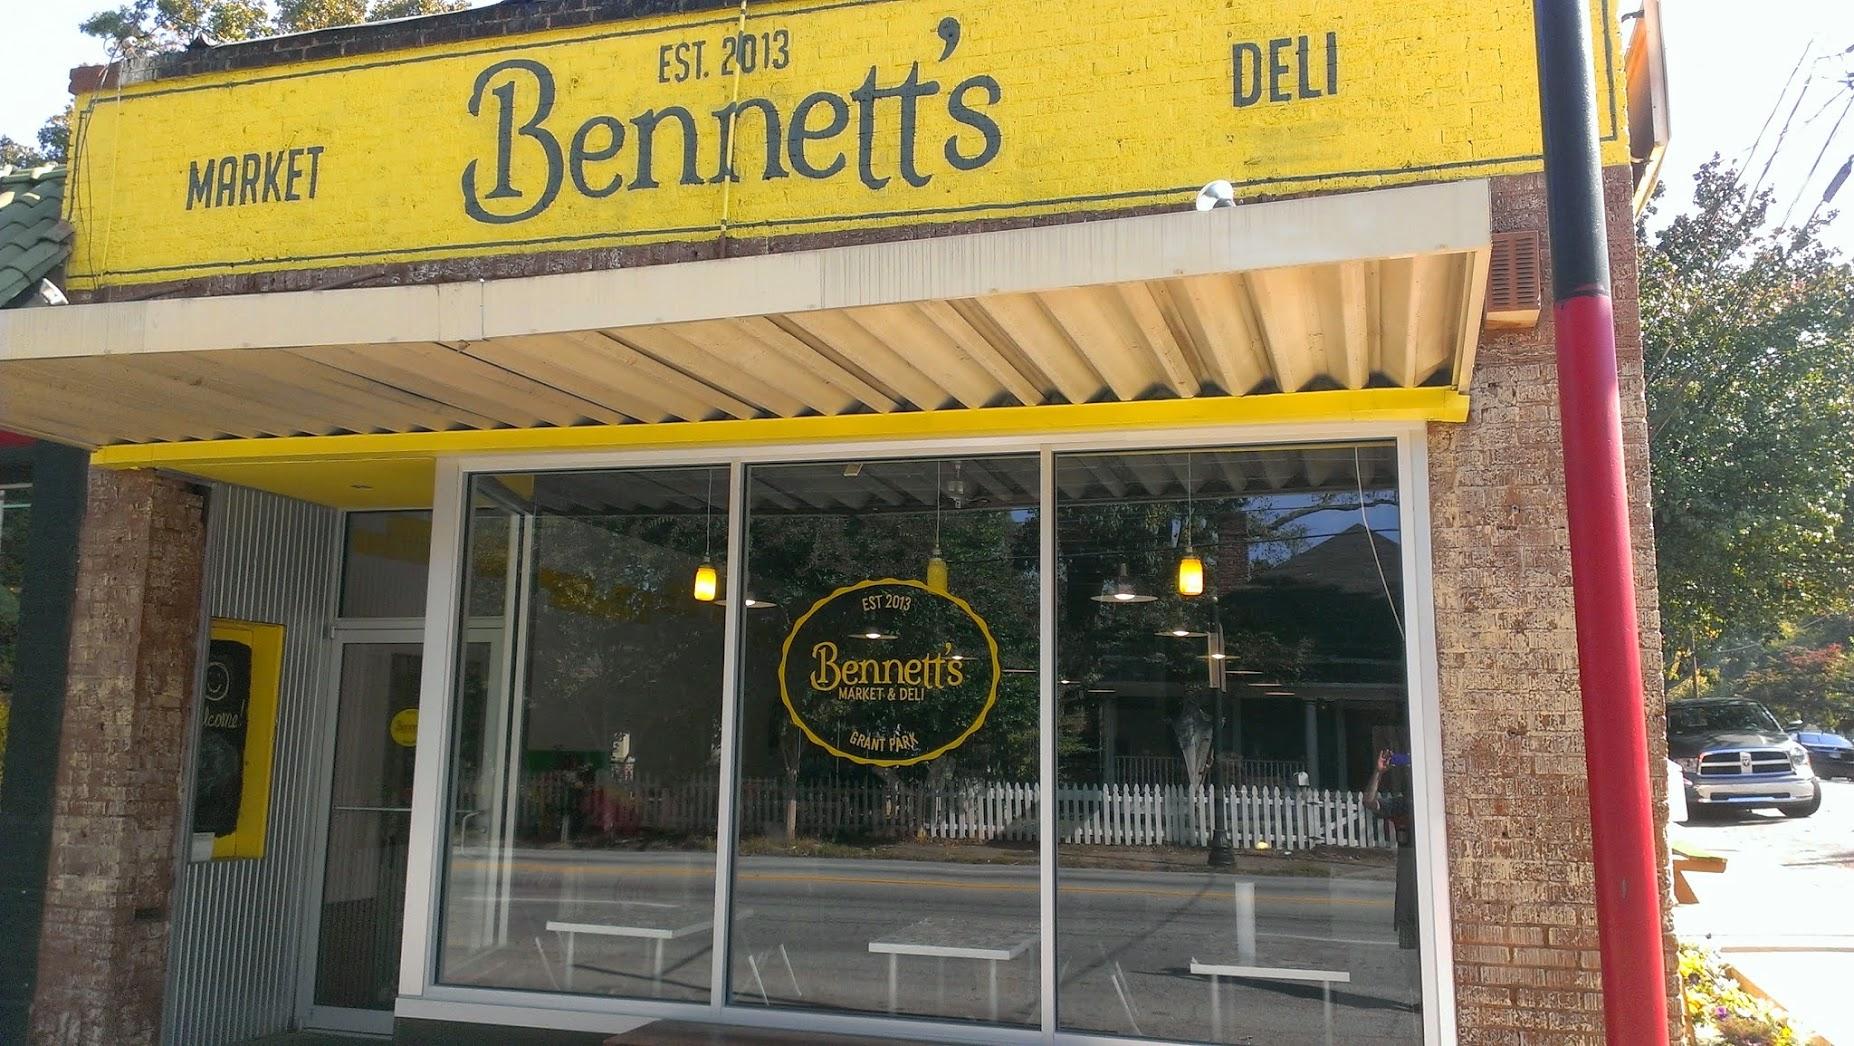 Bennett's Market and Deli